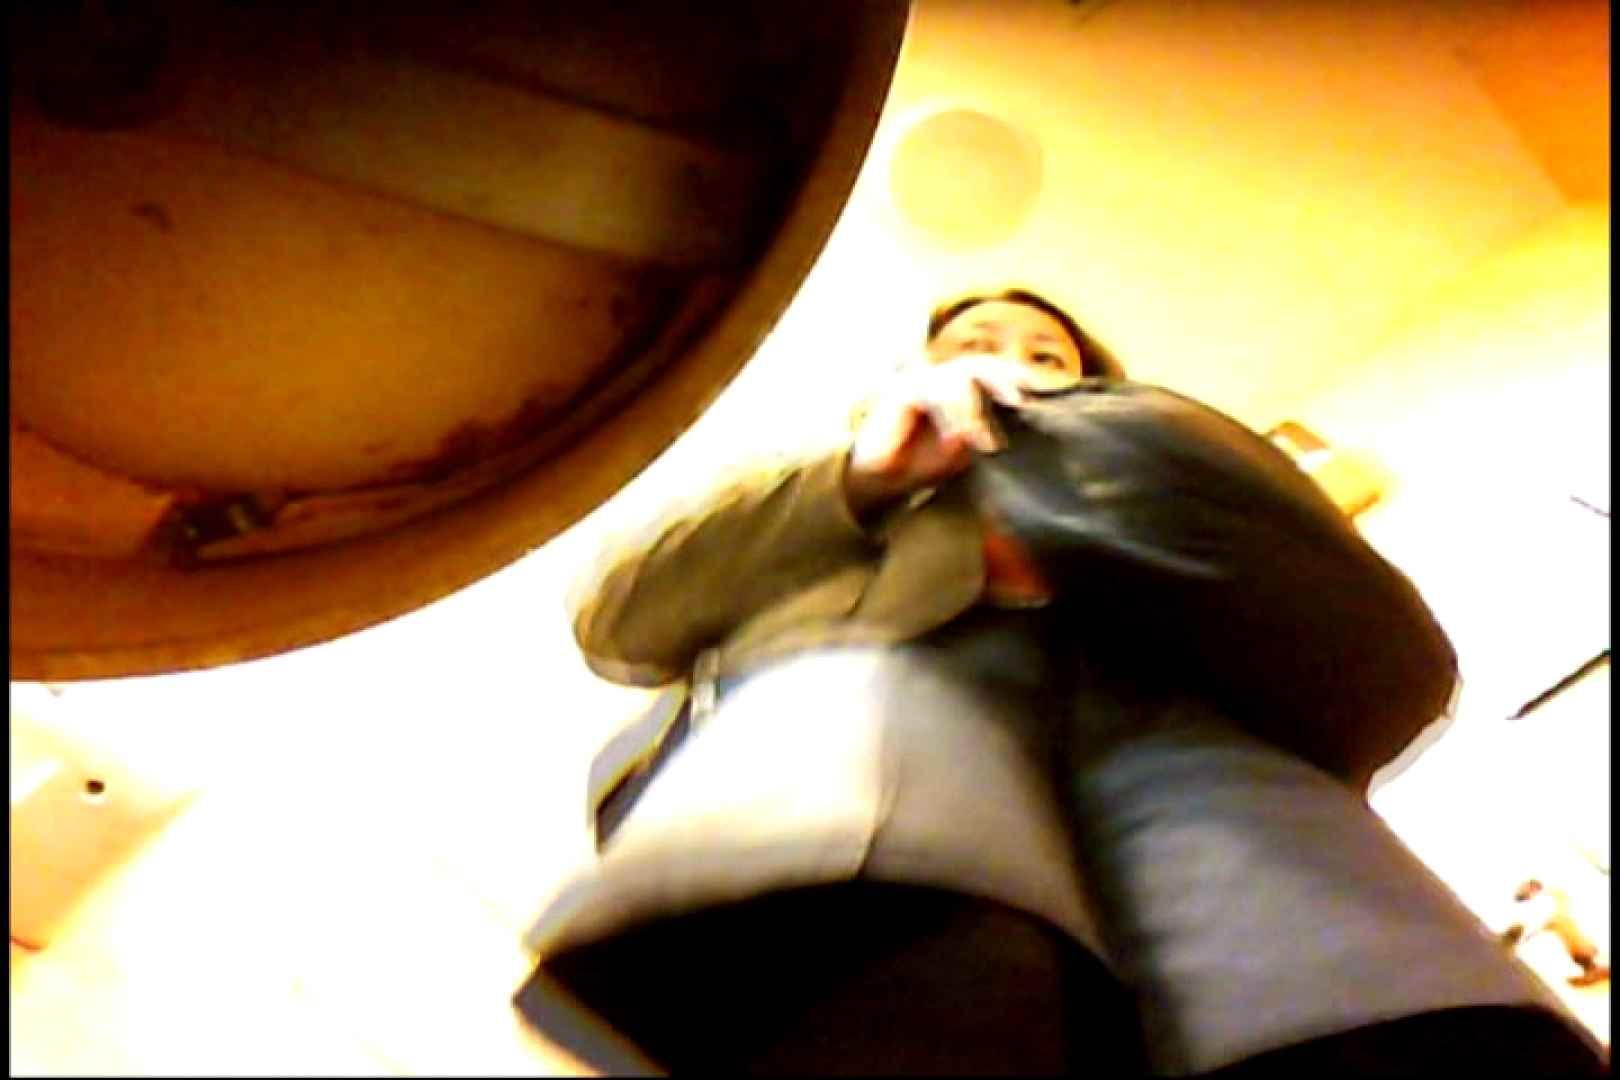 画質向上!新亀さん厠 vol.37 マンコ無修正 盗撮おまんこ無修正動画無料 85画像 9